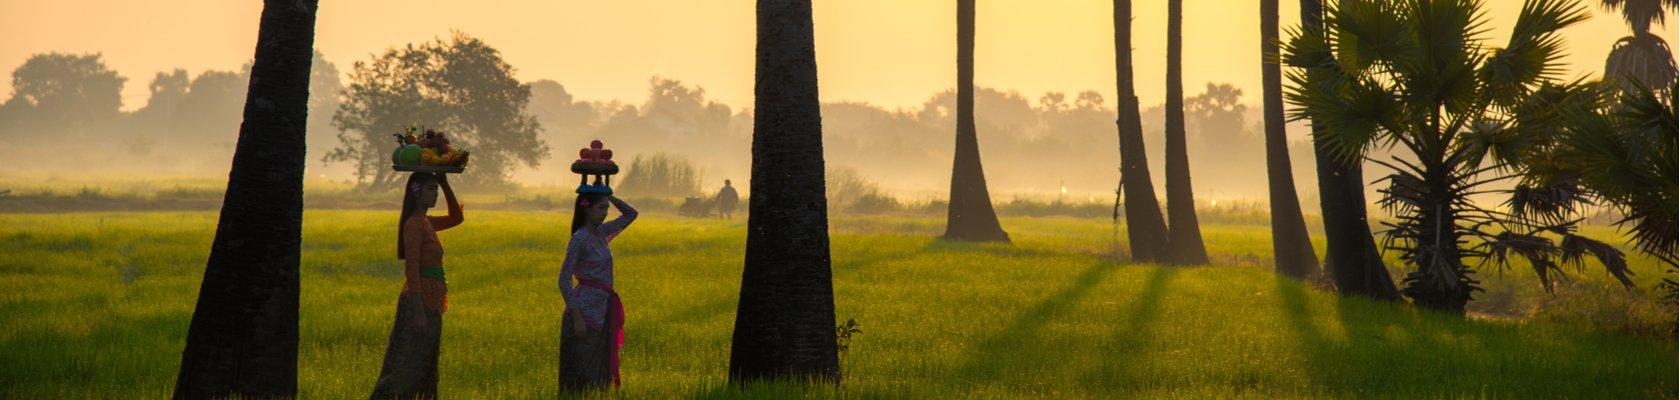 rijstvelden in Indonesië